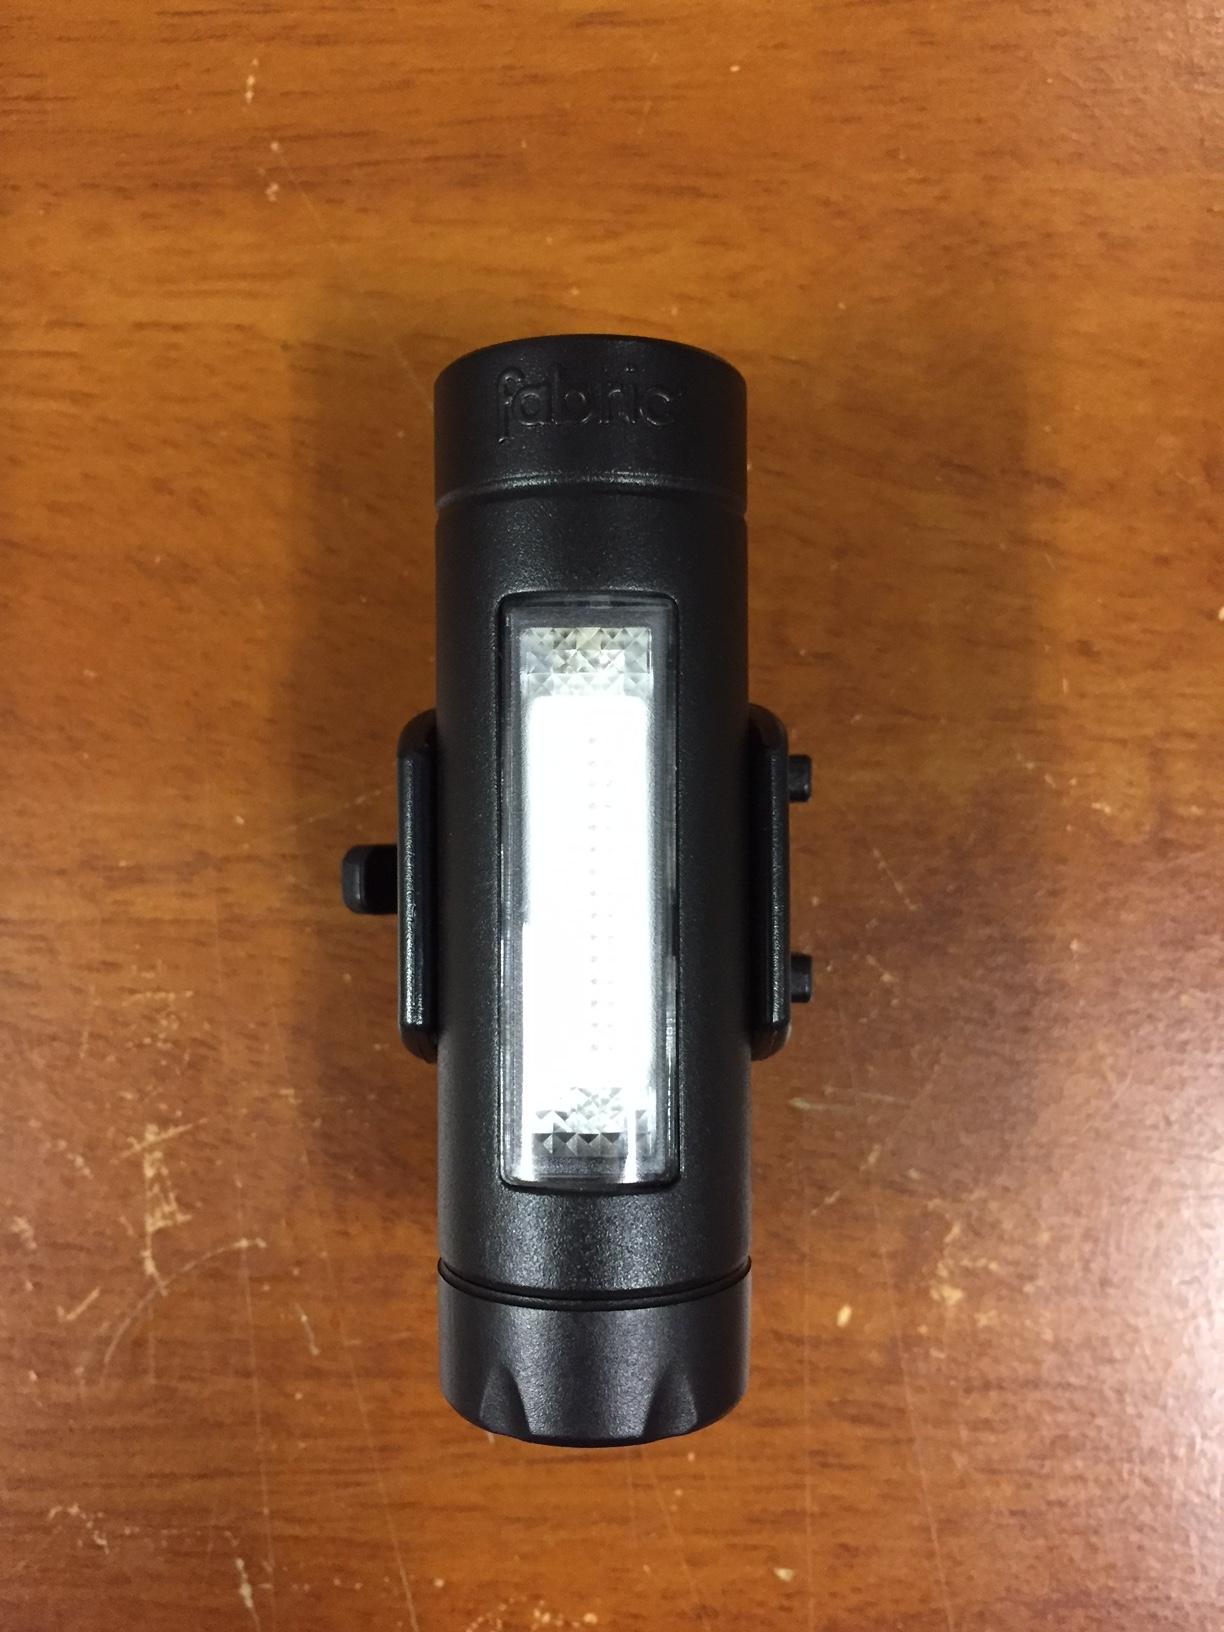 fablic-rear-light-2.jpg